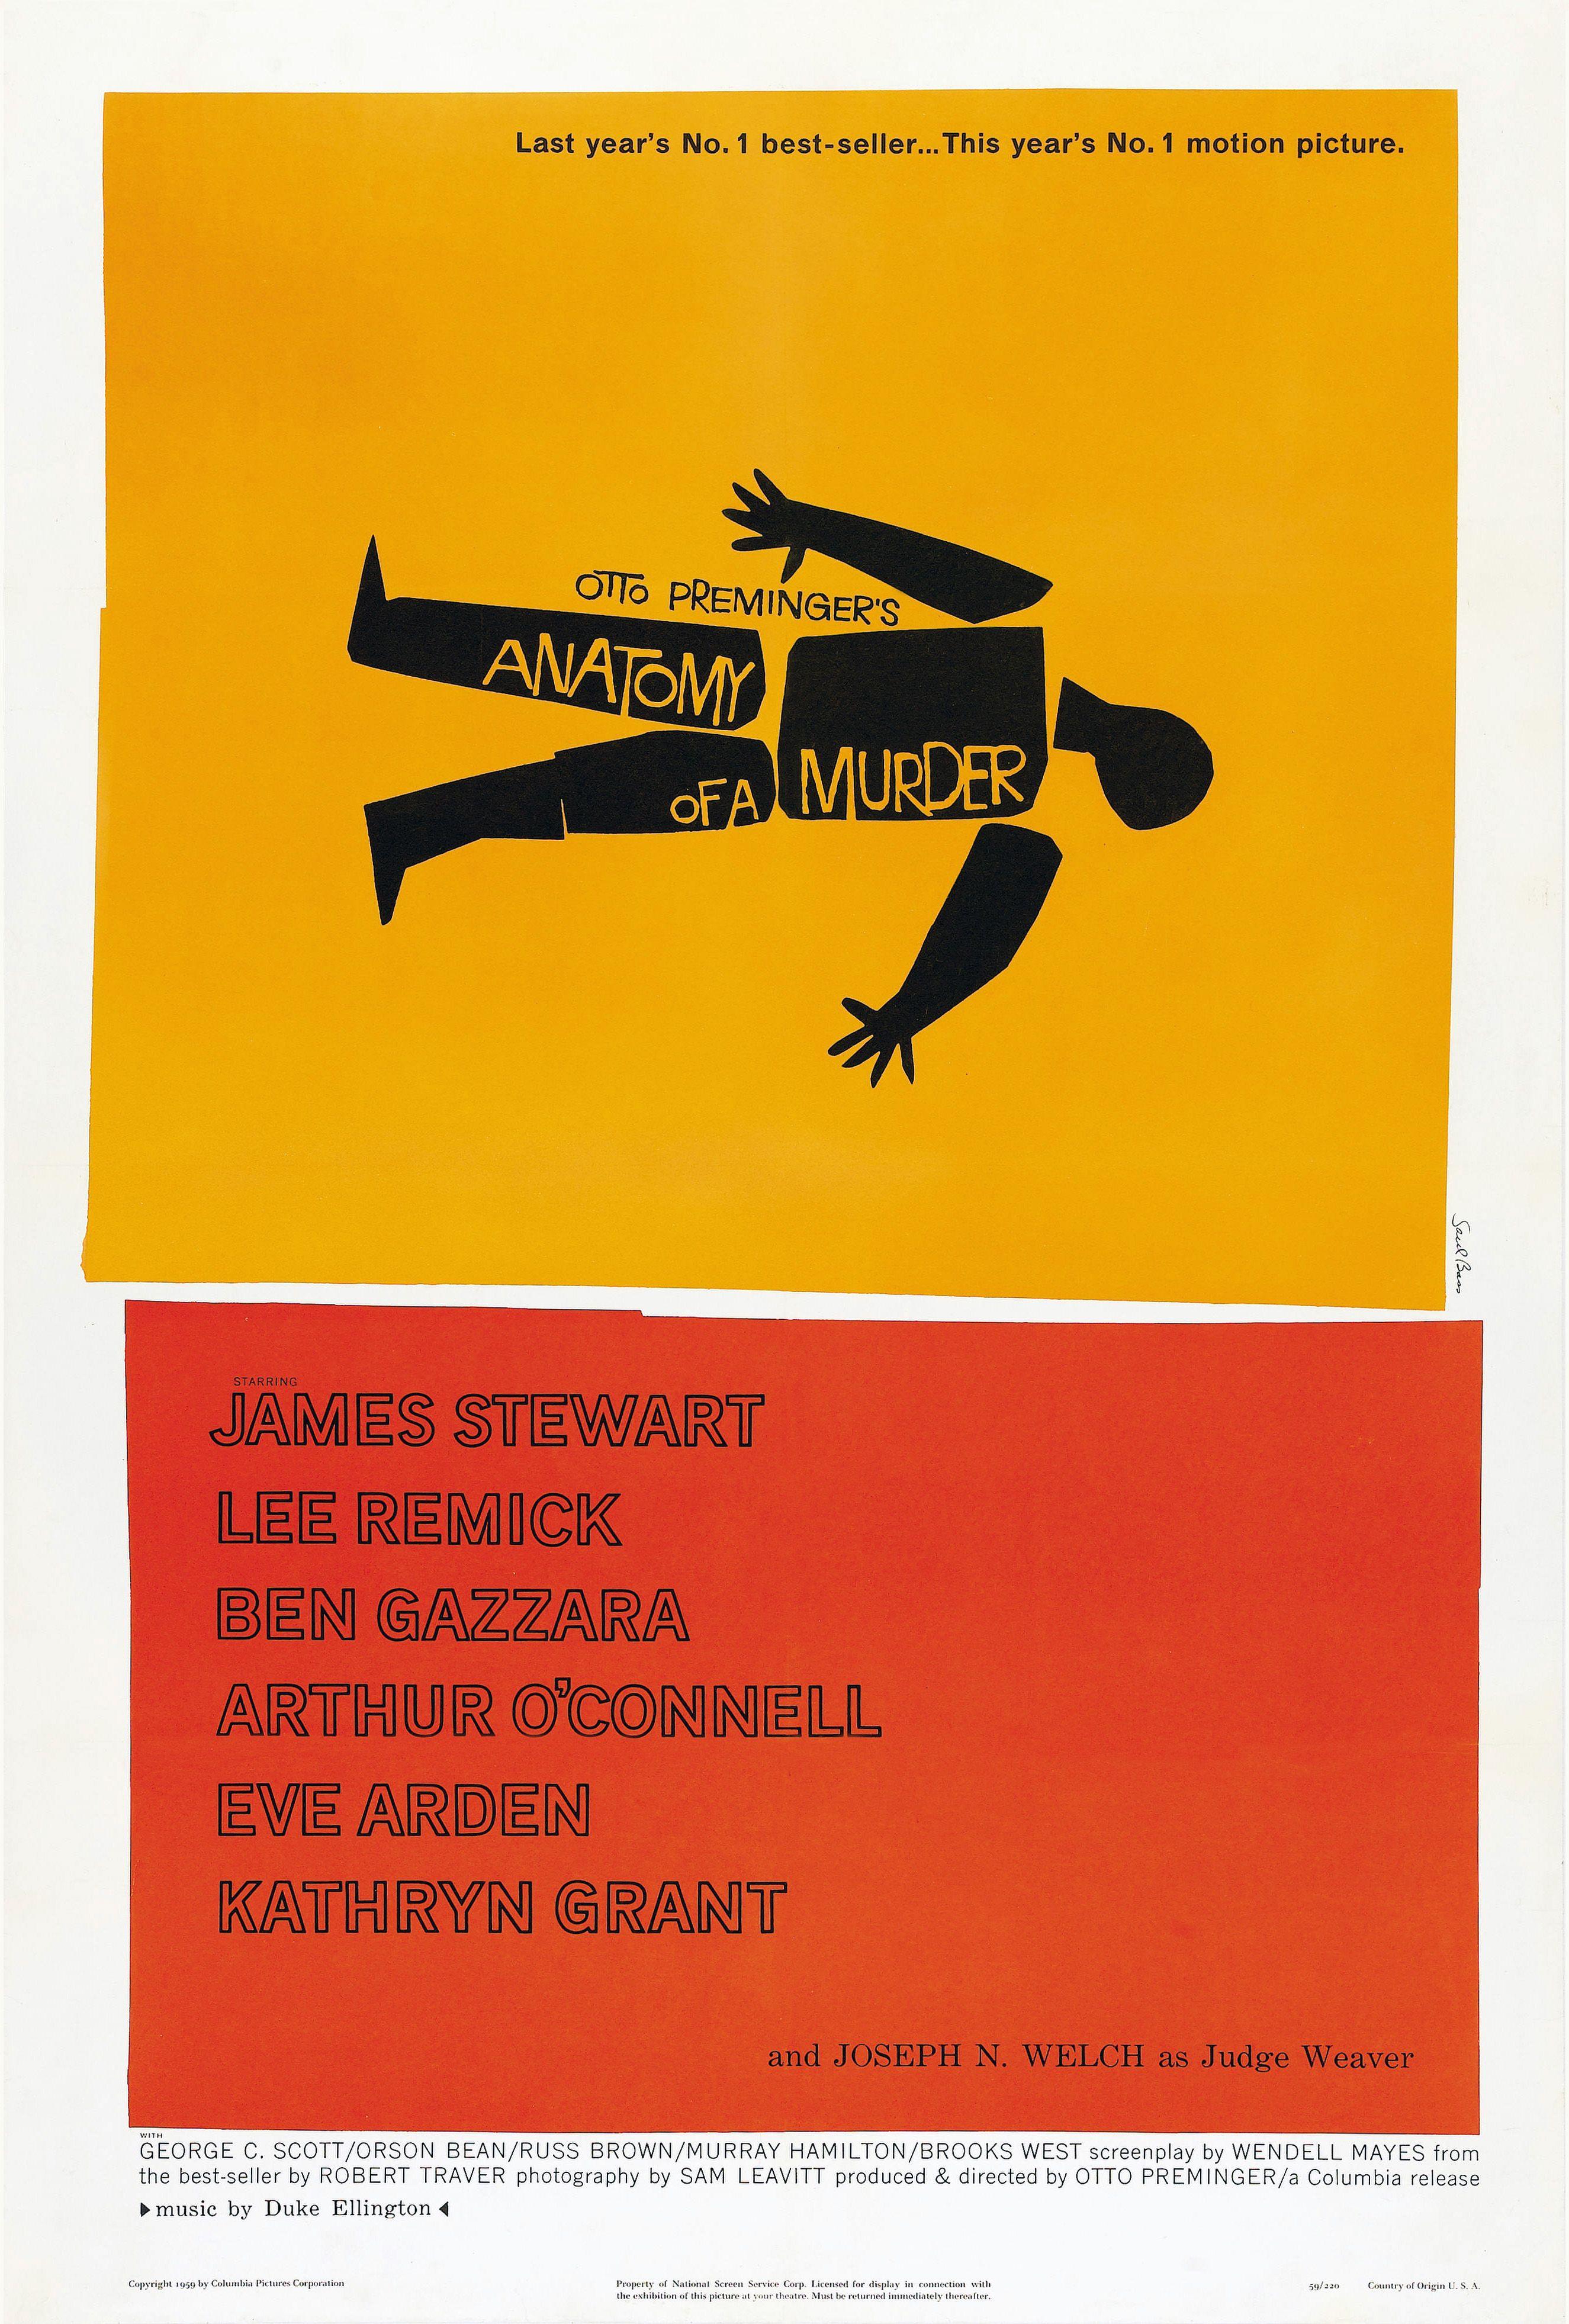 Anatomia de um Crime [1959] | Movie | Pinterest | Anatomía y Artistas